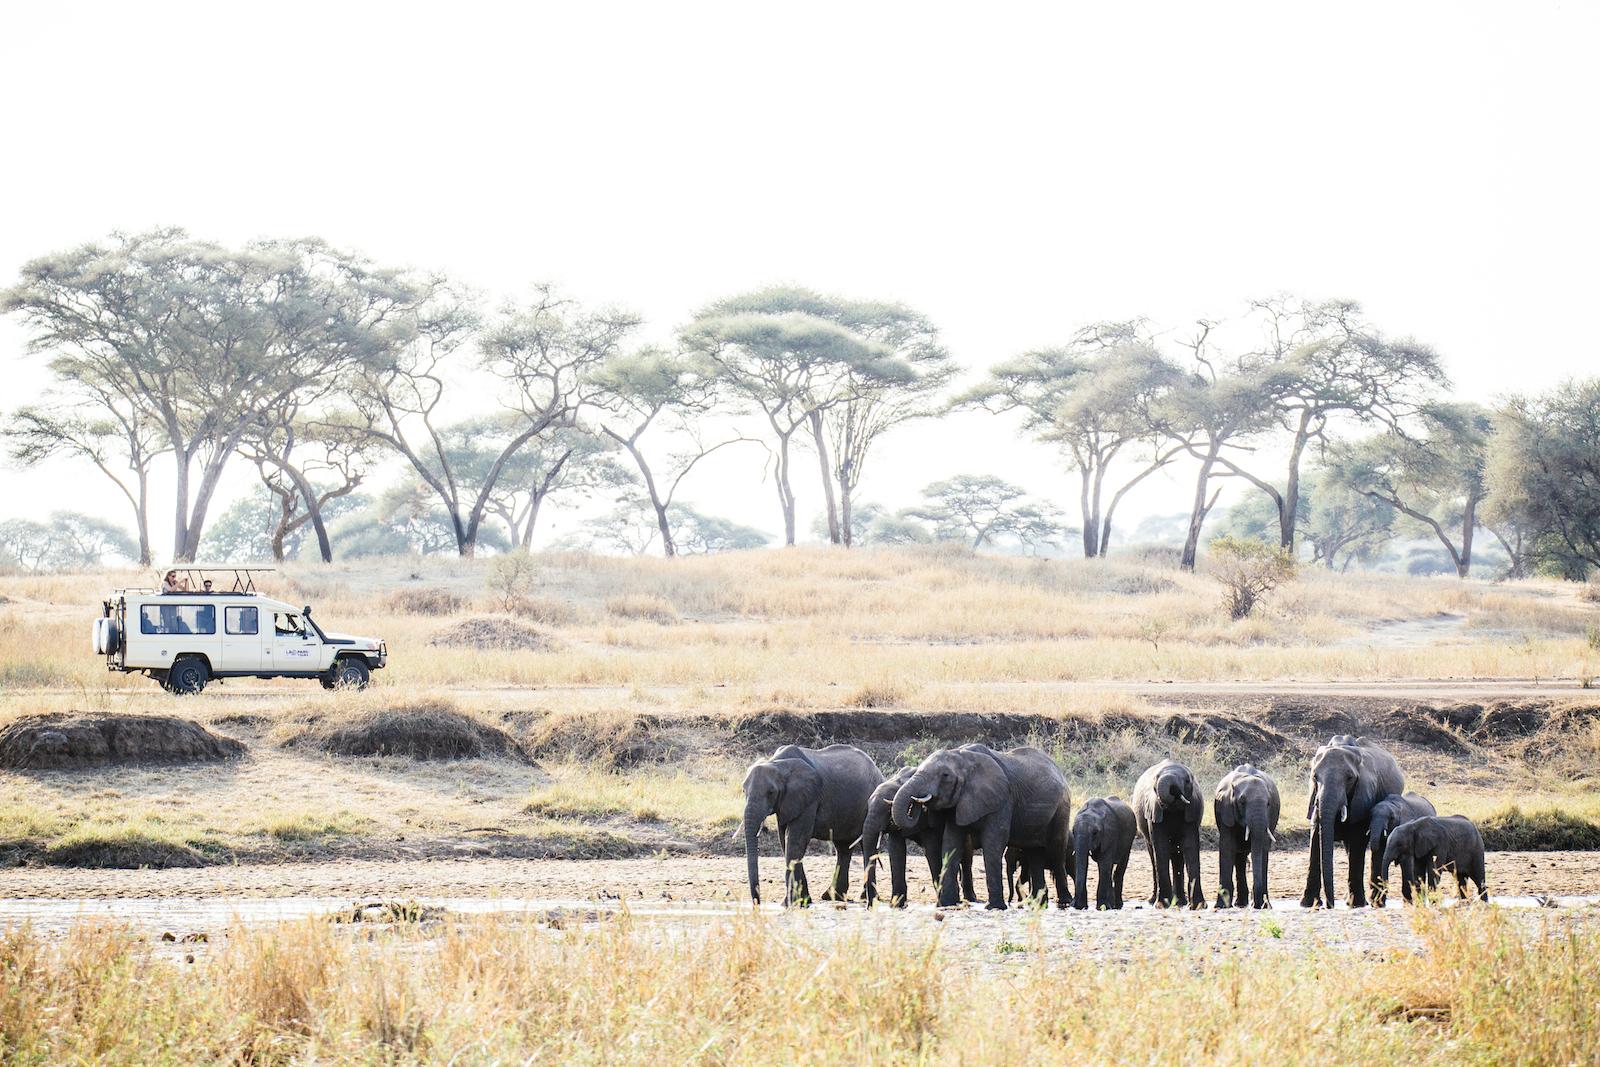 Herd of elephants grazing on the bank of the Kazinga River, Uganda.